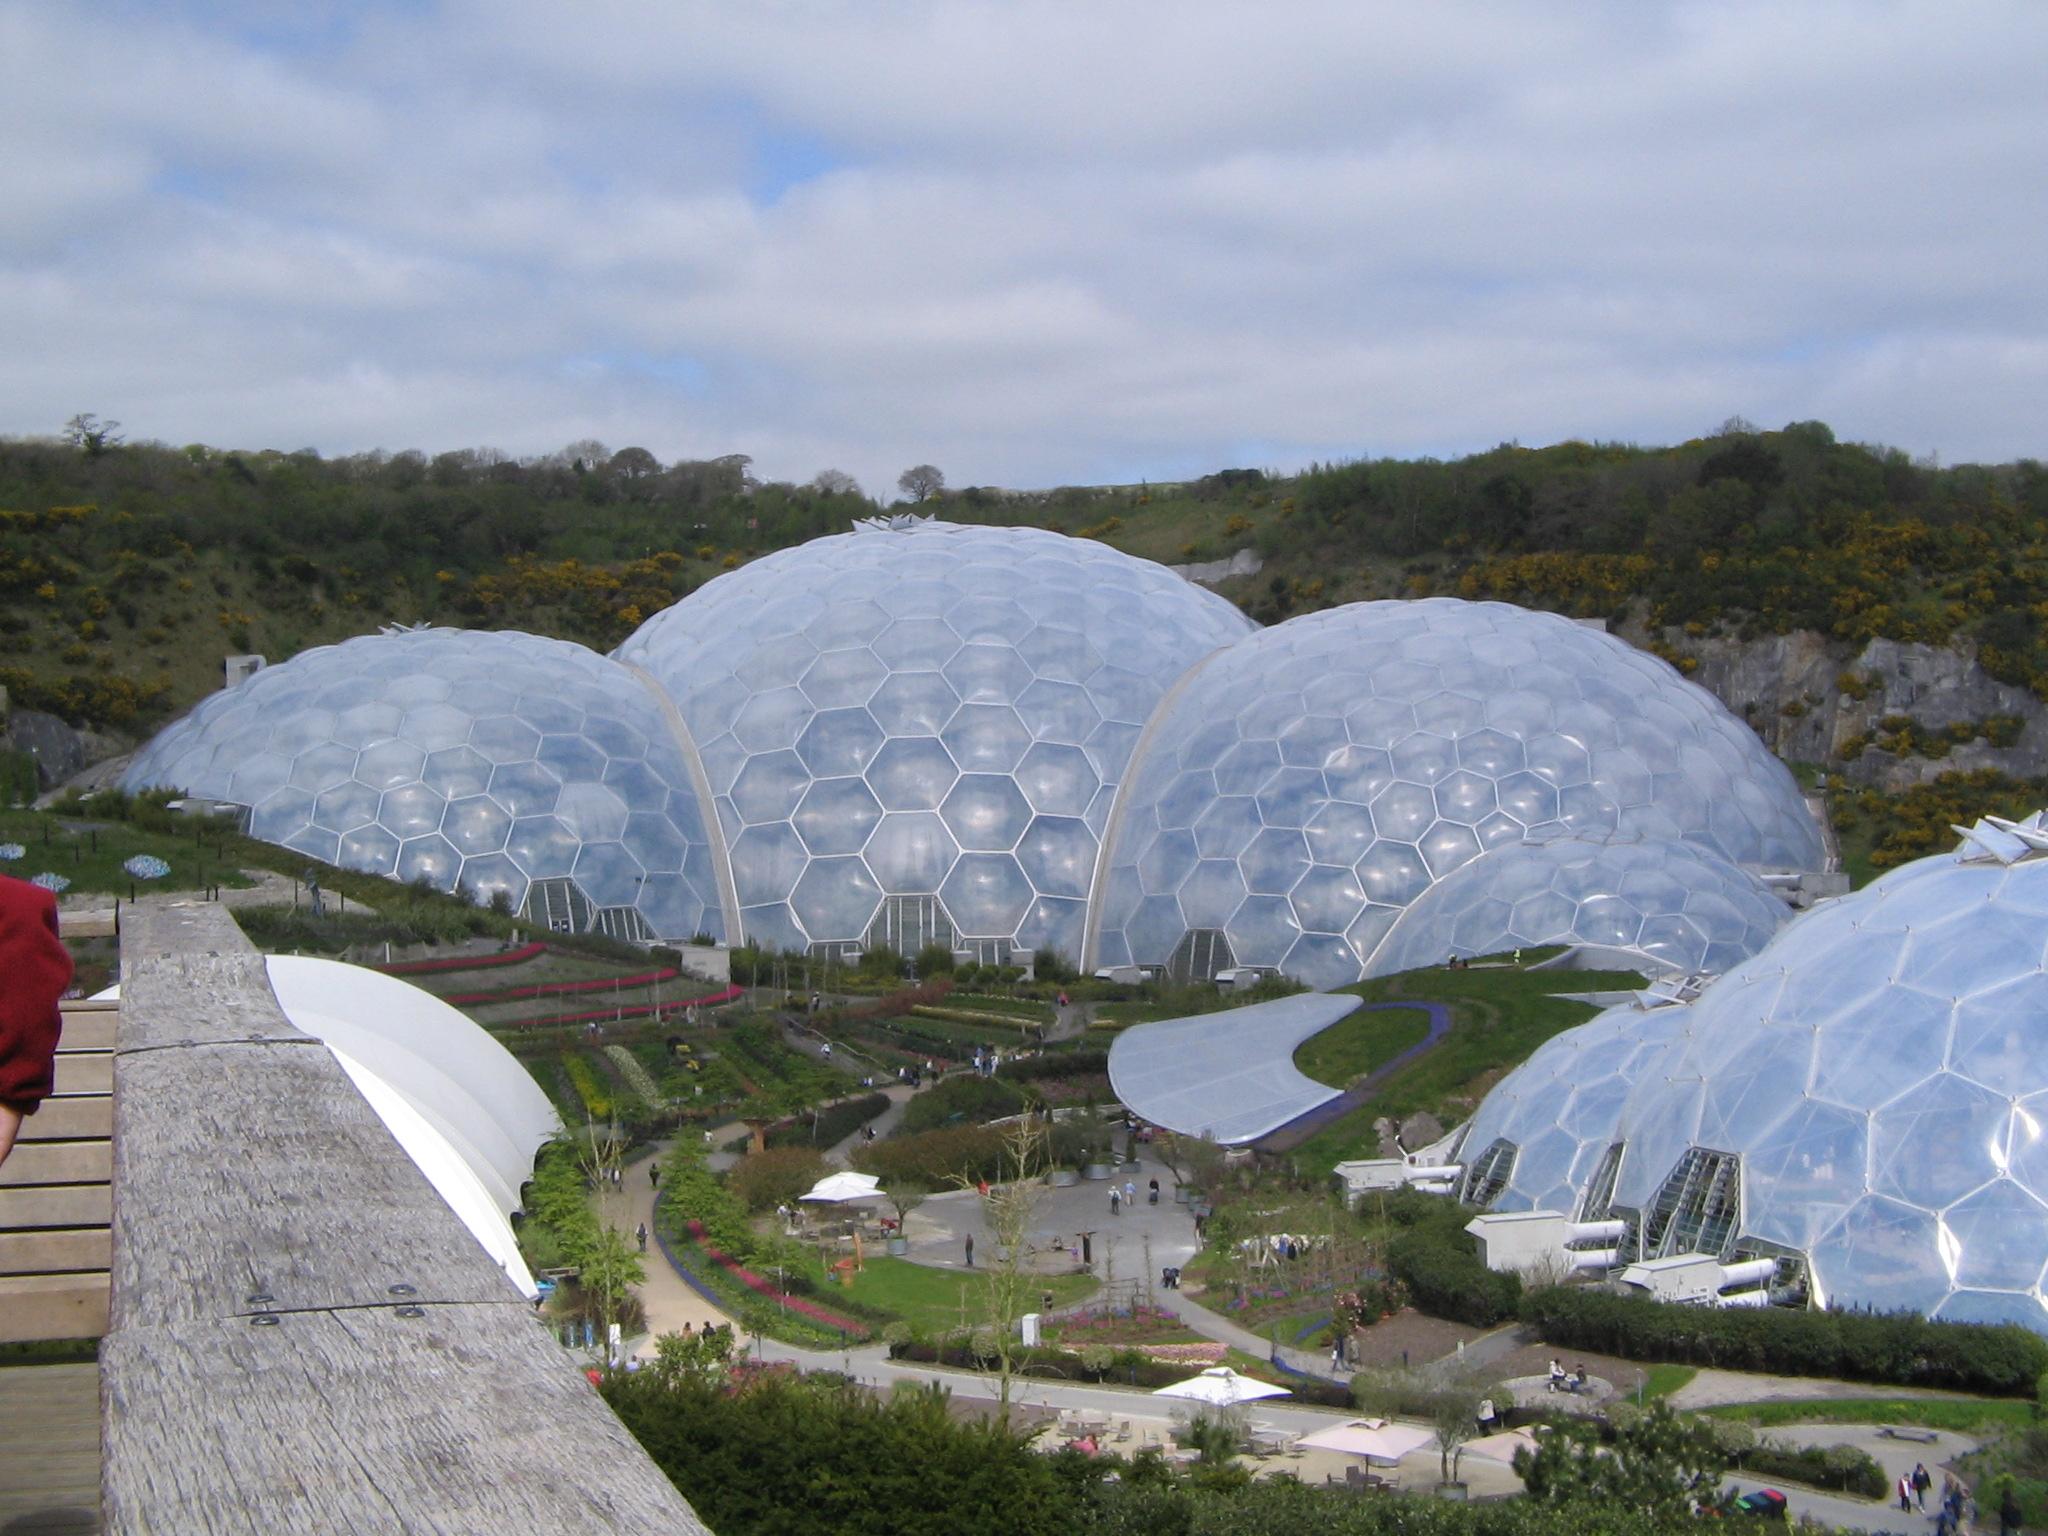 Het Eden Project in Cornwall, Engeland kent een prachtige verzameling enorme geodomes.